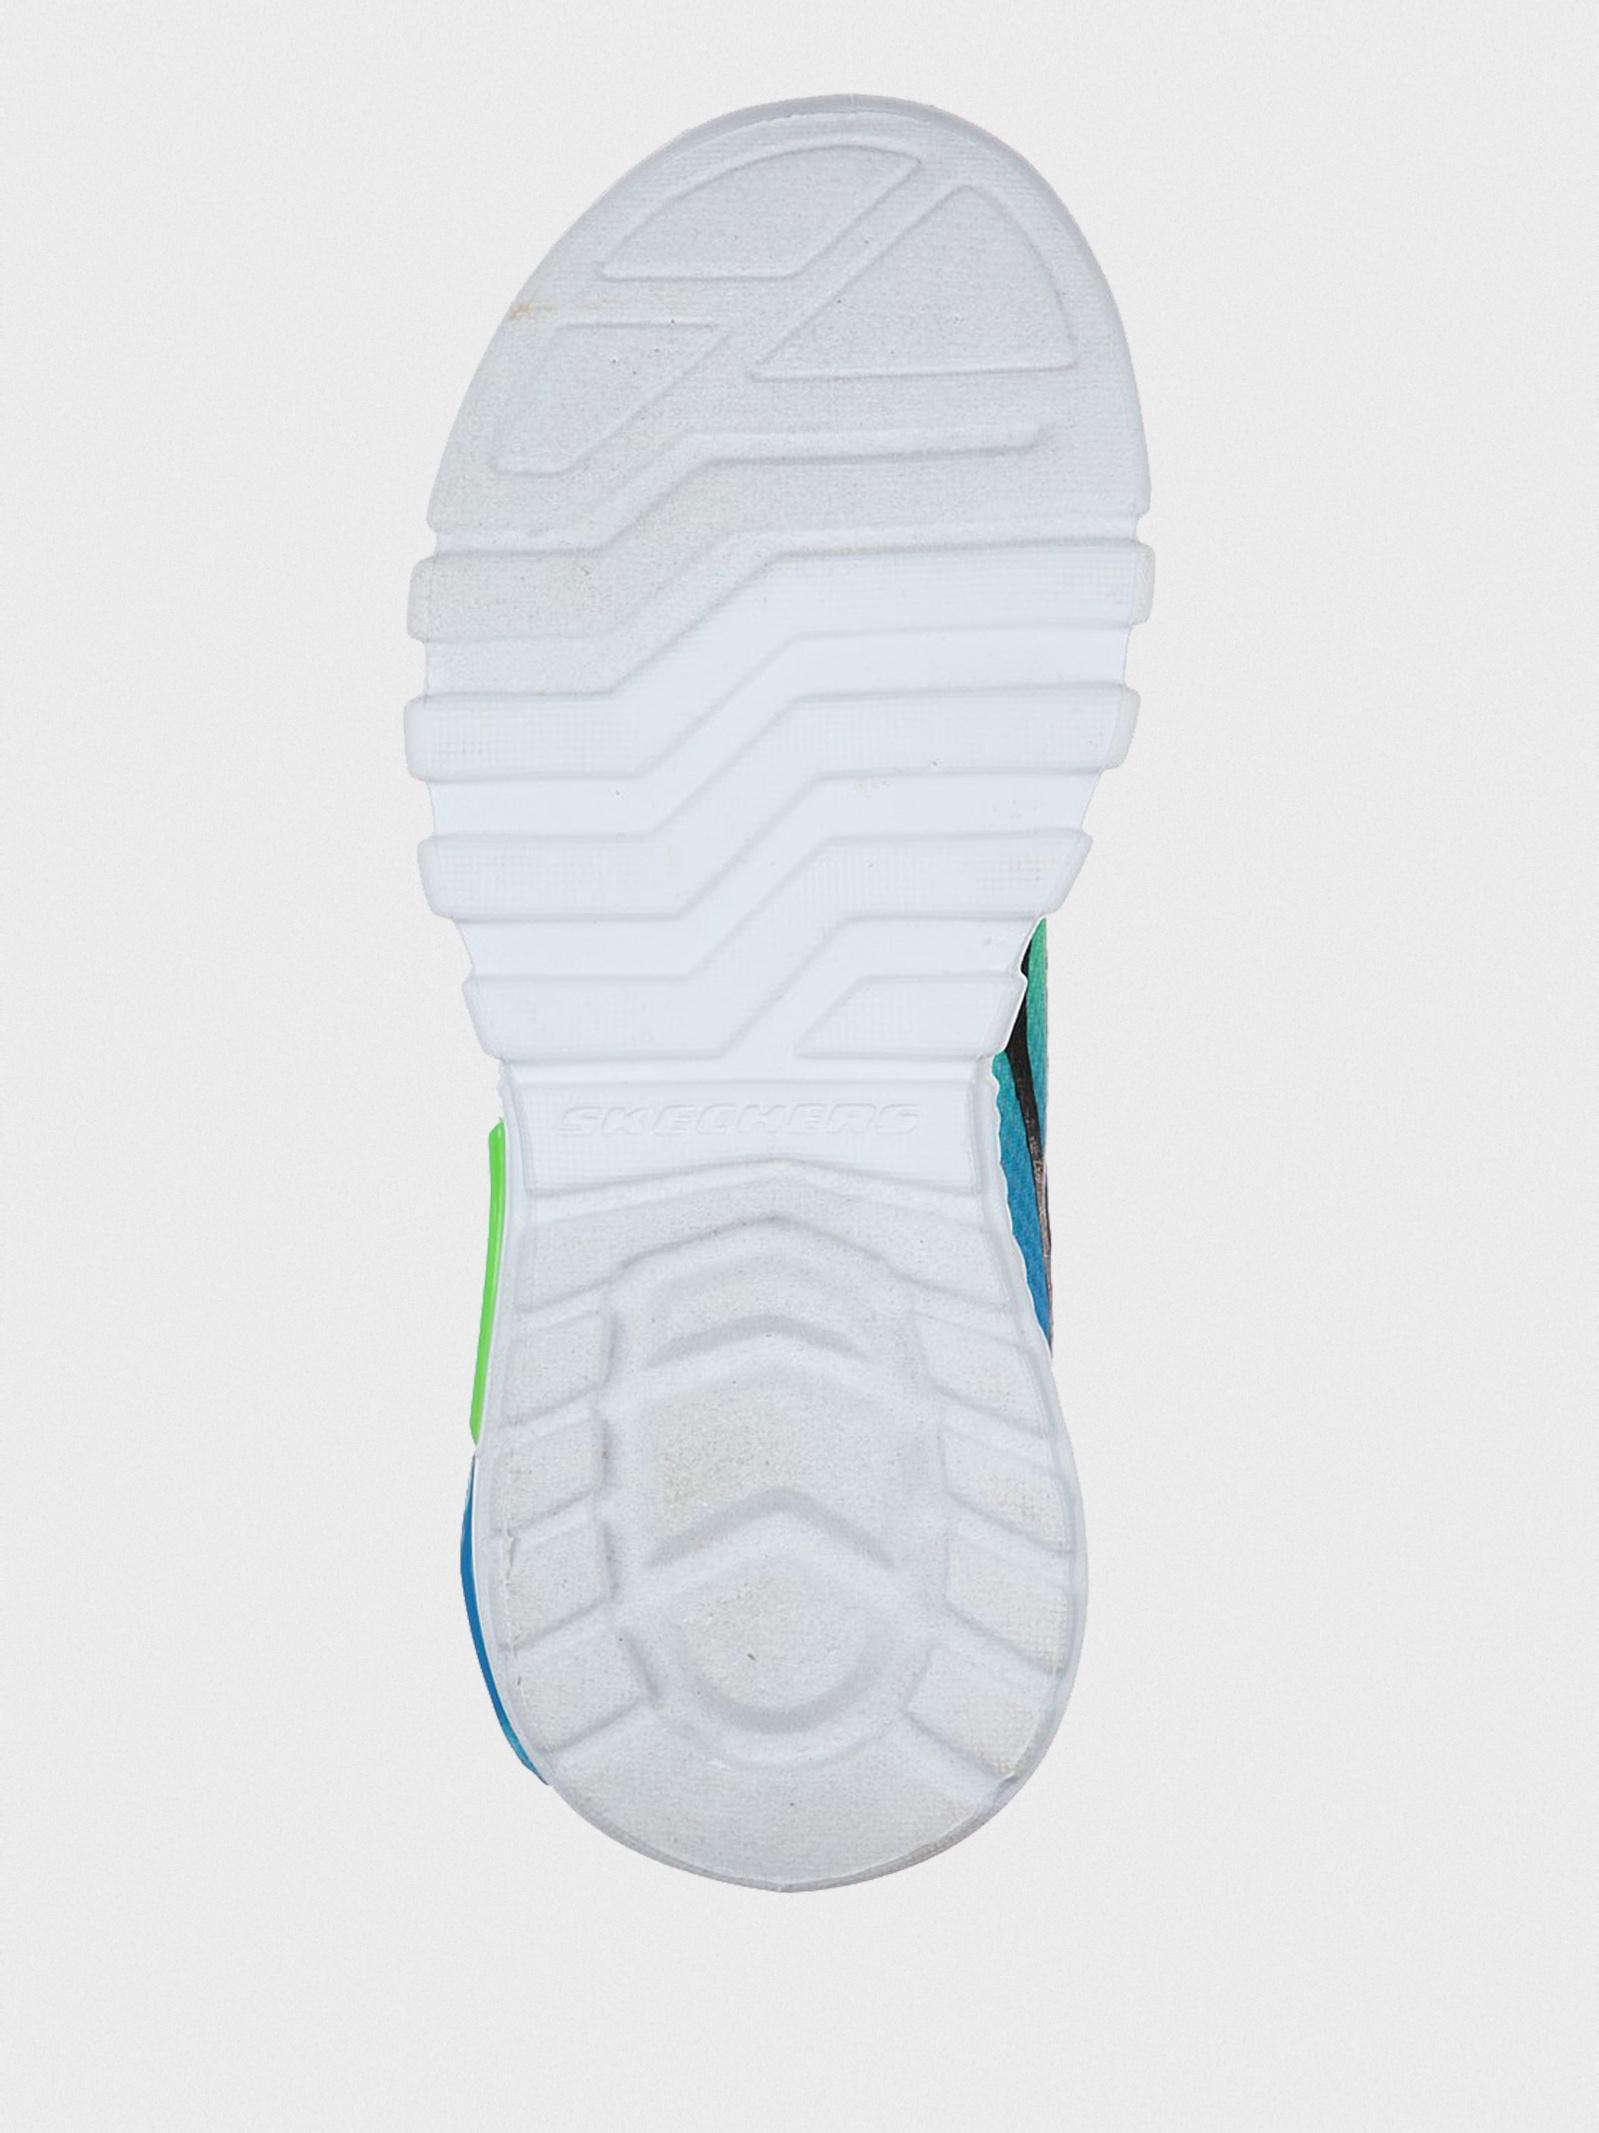 Кроссовки для детей Skechers 400016L BBLM купить обувь, 2017